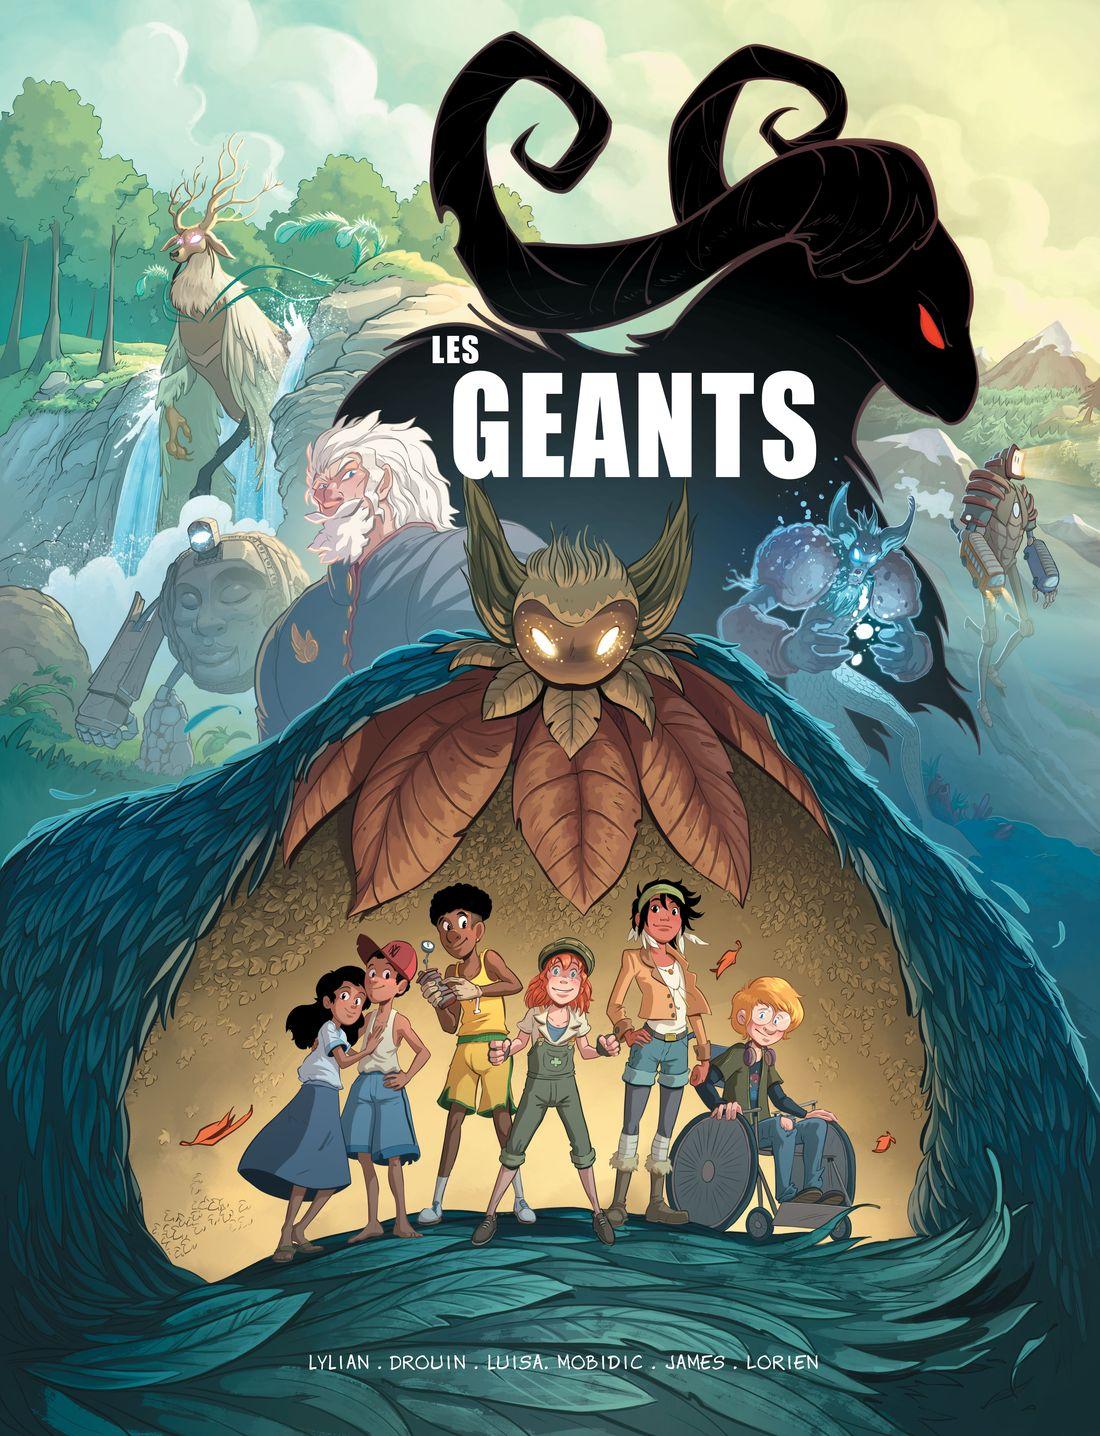 Les Géants, Teaser © Glénat